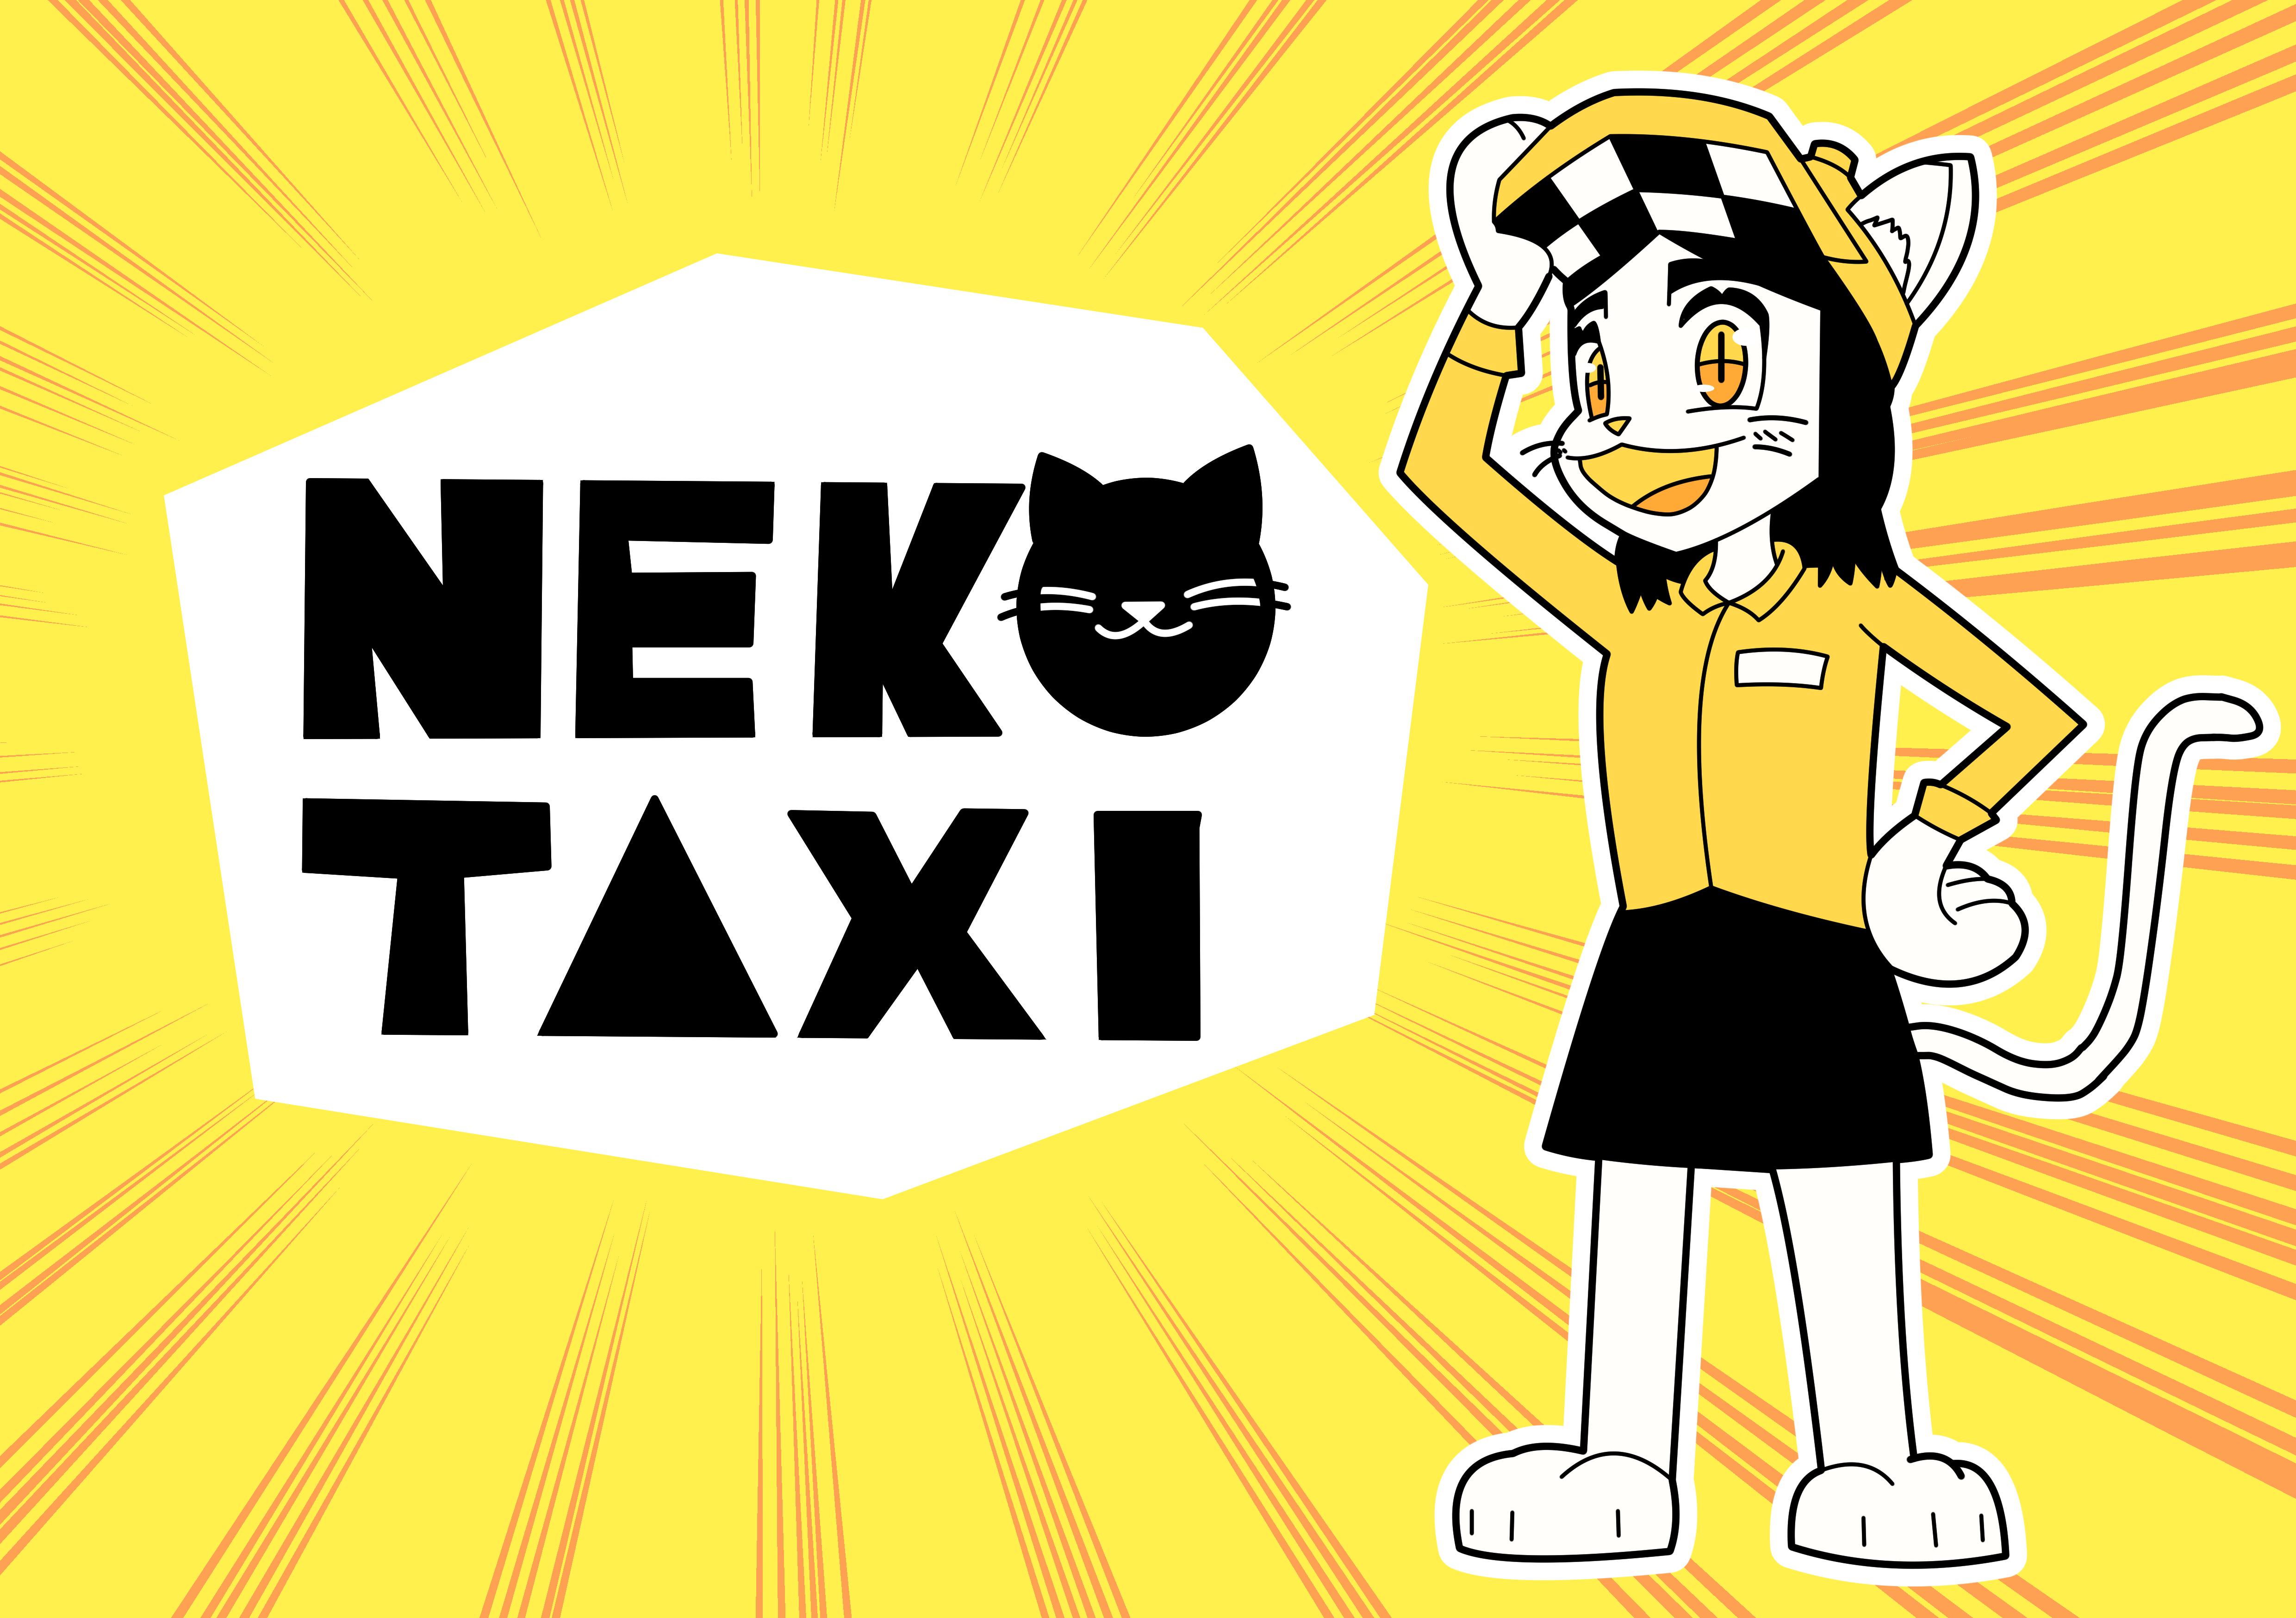 Neko taxi